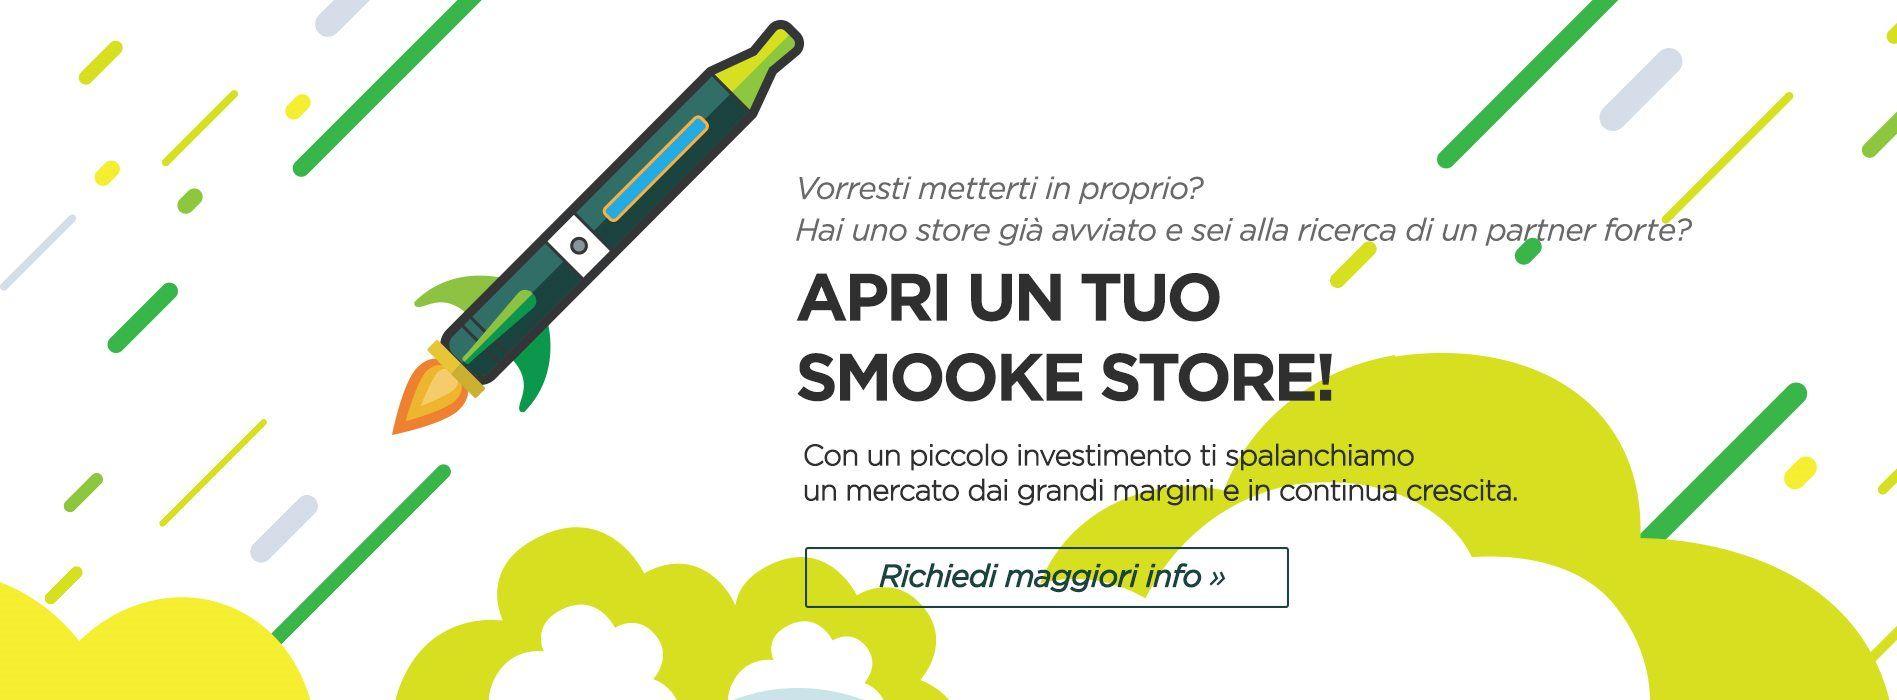 venditore sigarette elettroniche